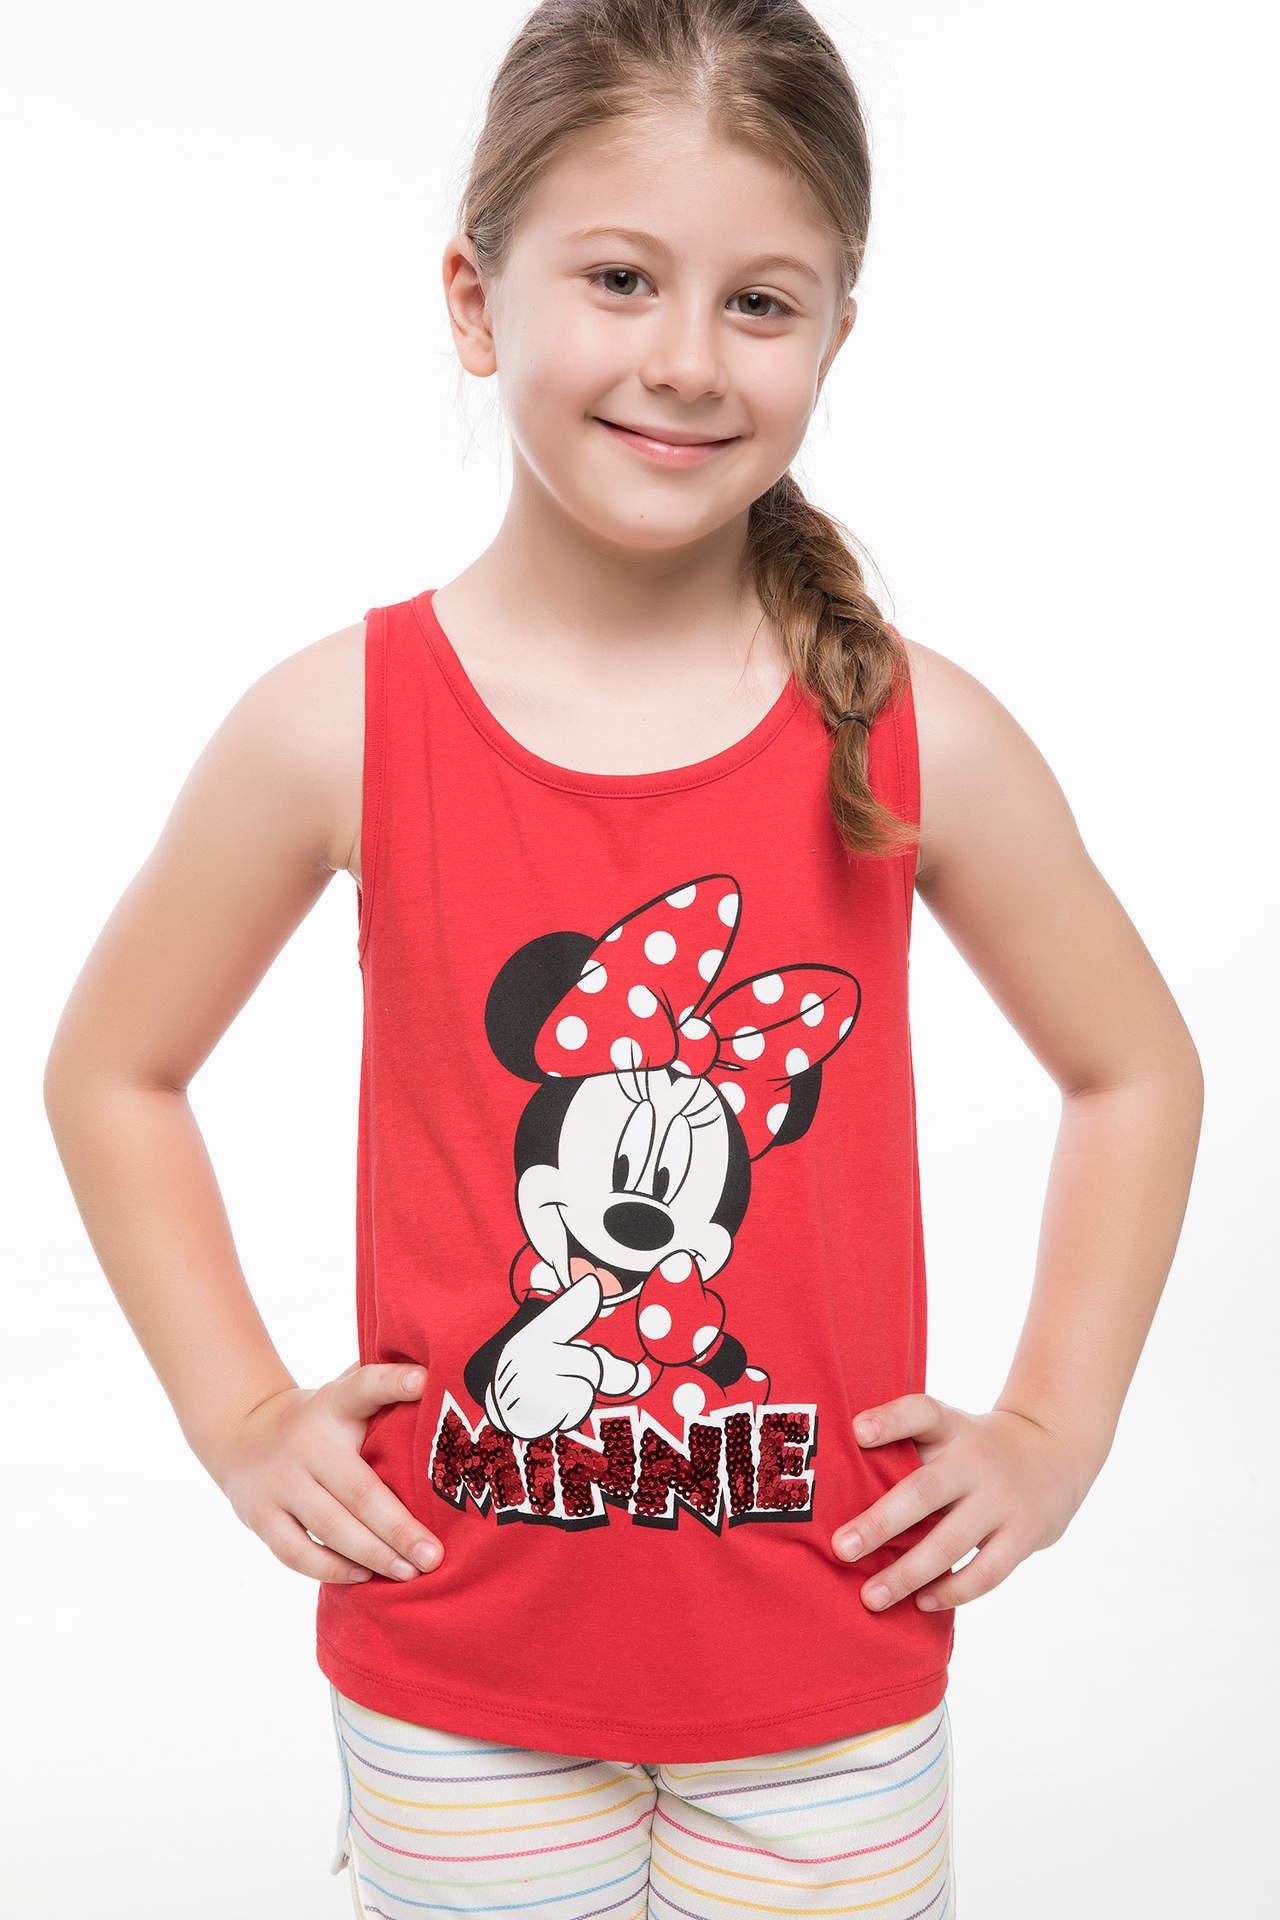 DeFacto Kız Çocuk Mickey Mouse Lisanslı Atlet Kırmızı female